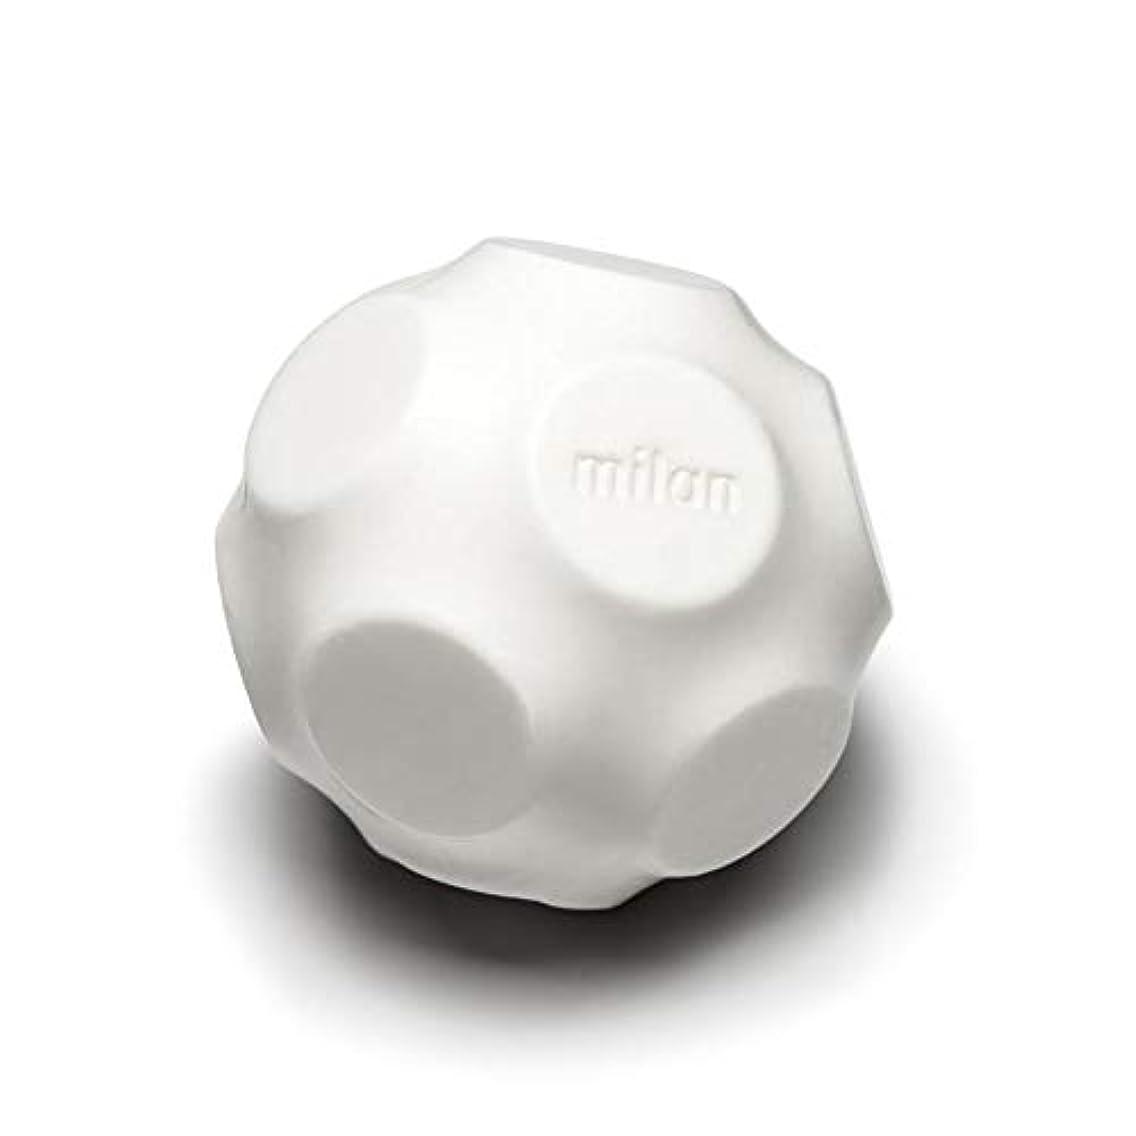 経済的流用する投げるMaison Milan SIMONA ダイヤモンド粉 ホワイト 石鹸